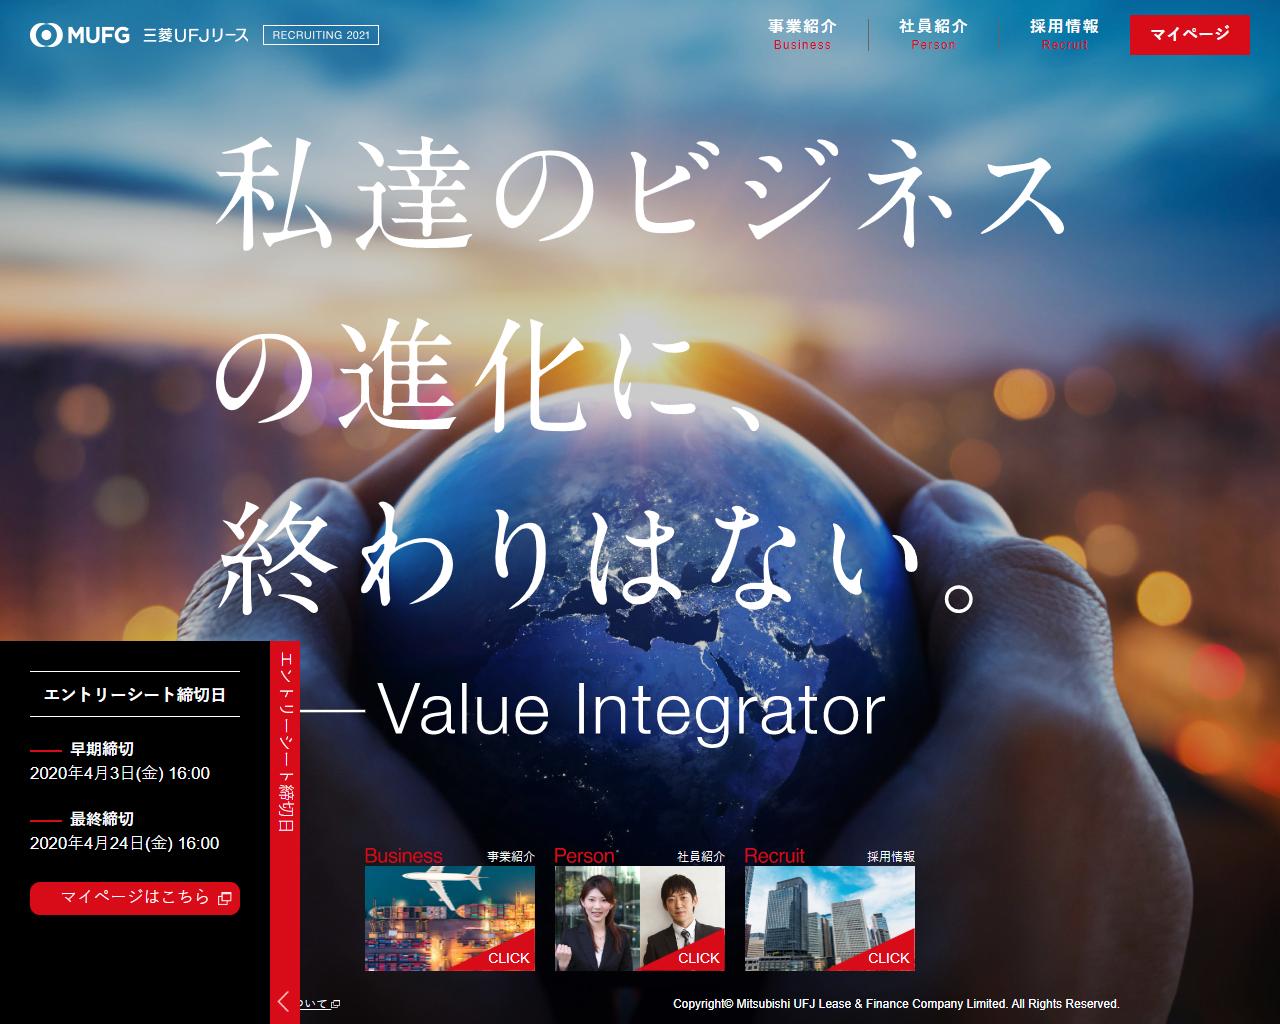 三菱UFJリース株式会社|採用サイト PC画像